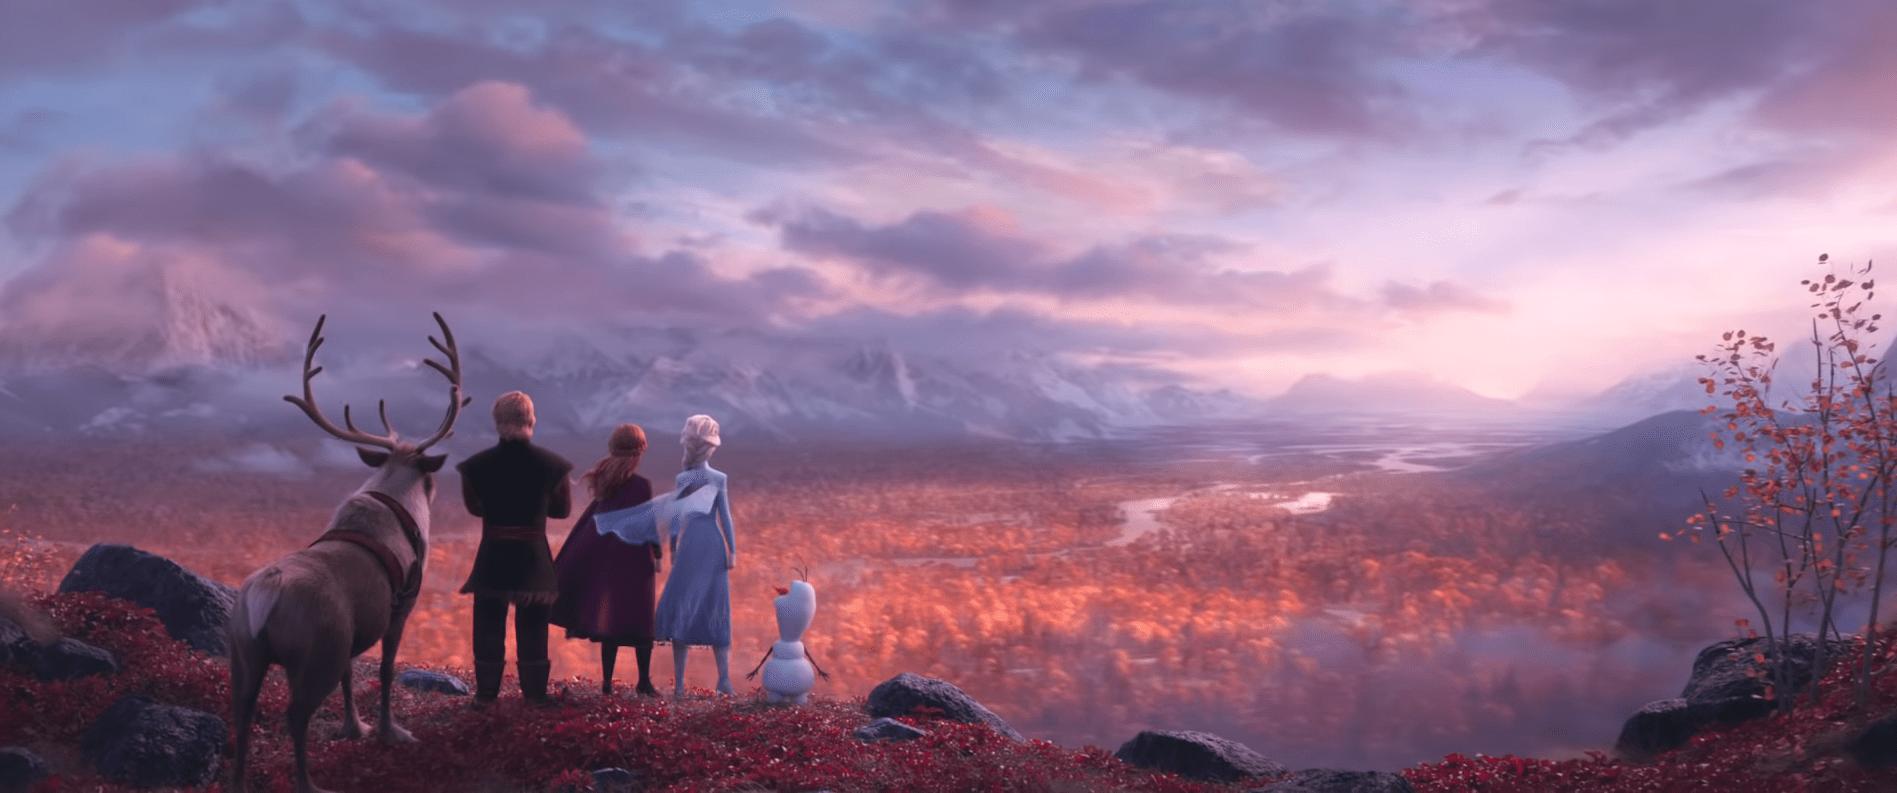 СМИ: Disney выпустила трейлер «Холодного сердца 2» на месяц раньше из-за реакции на тизер «Аладдина»